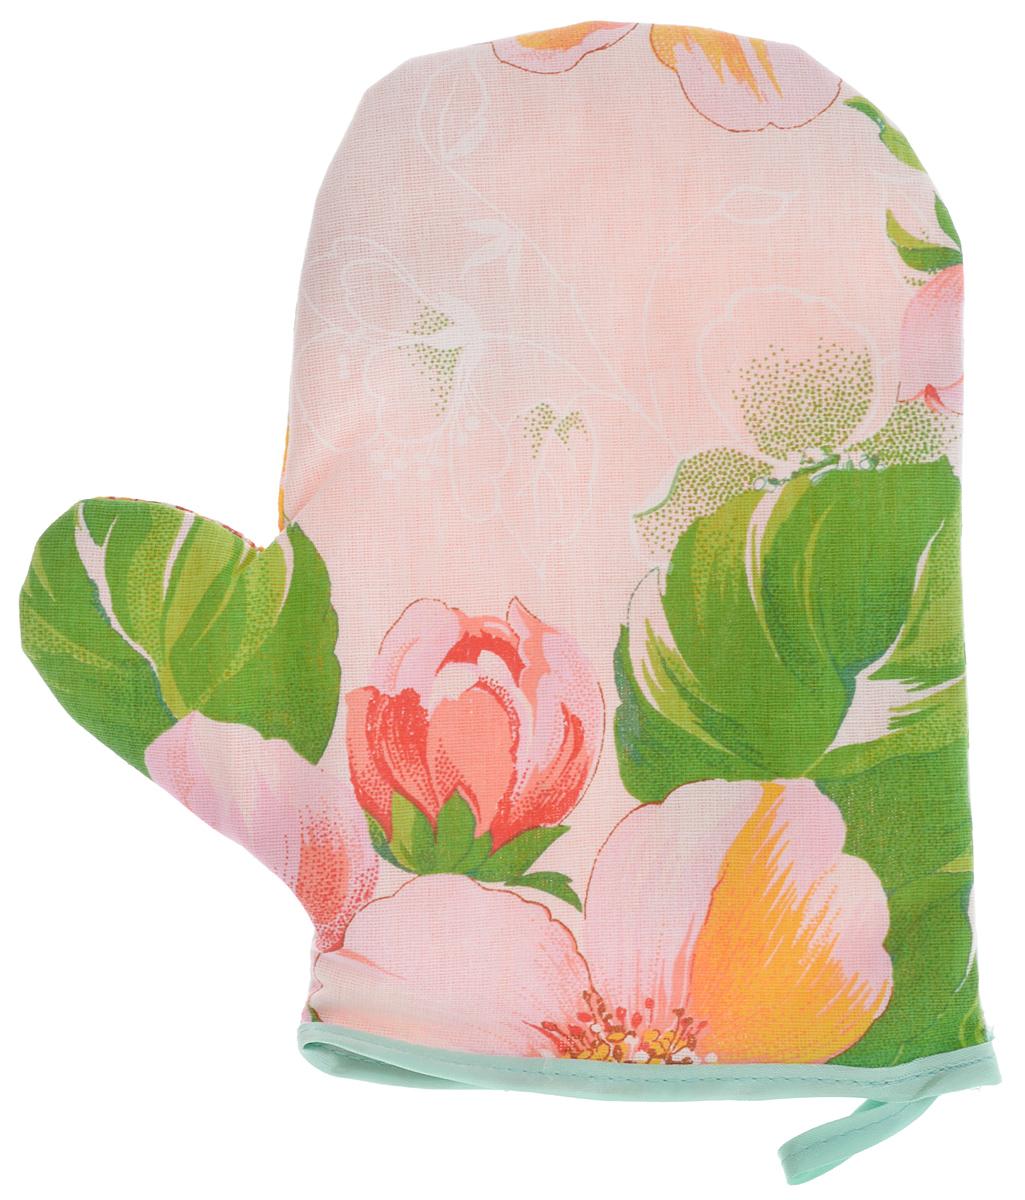 Прихватка-рукавица Roko, 16 х 28 см115347Прихватка-рукавица Roko, изготовленная из бязи (100% хлопка), оформлена красочным принтом. Изделие оснащено текстильной петелькой для подвешивания на крючок. Такая прихватка защитит ваши руки от высоких температур и предотвратит появление ожогов. Уважаемые клиенты! Товар поставляется в цветовом ассортименте. Поставка осуществляется в зависимости от наличия на складе.Размер изделия (ДхШ): 16 х 28 см.